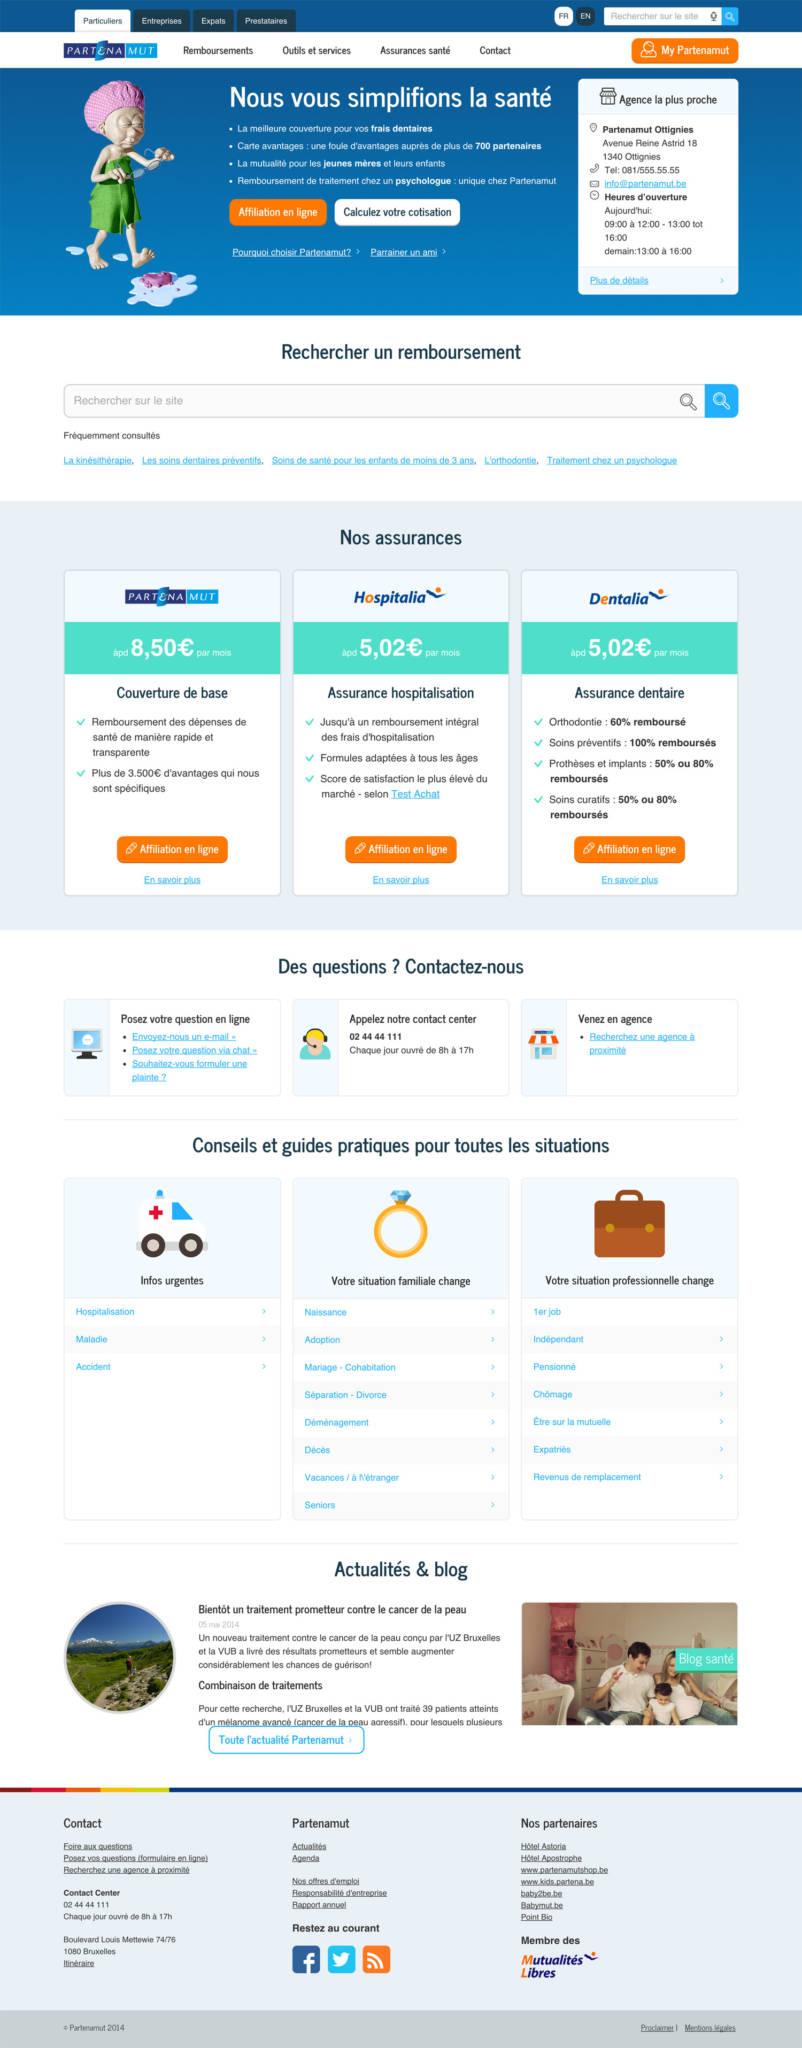 Partenamut website integration - Desktop view